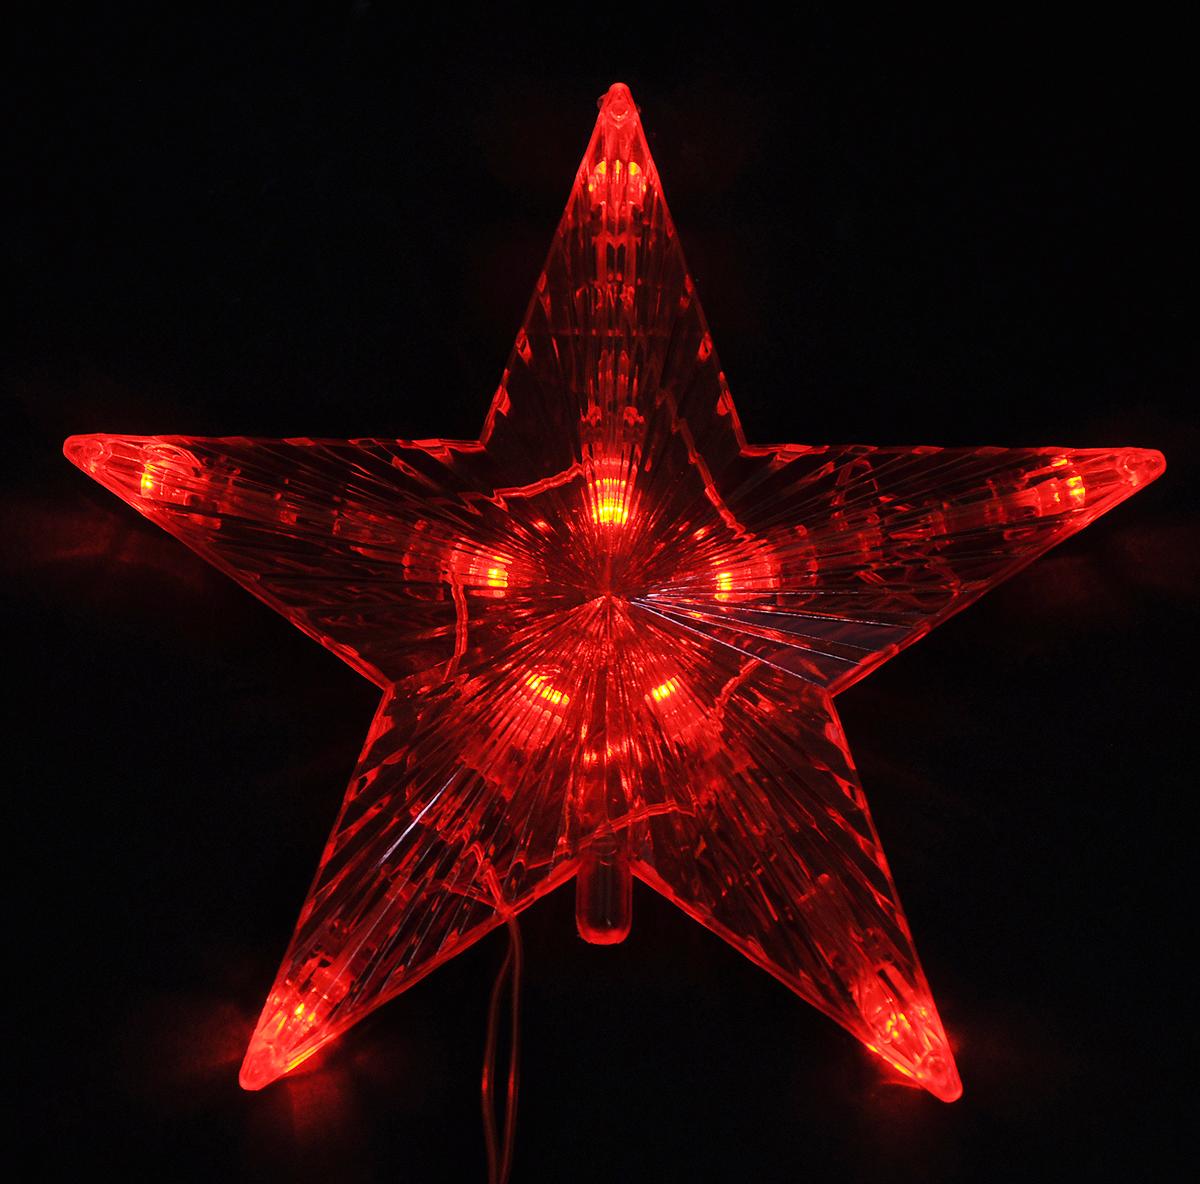 Верхушка на елку Vegas Звезда, светодиодная, высота 15 см55097Верхушка Vegas Звезда, выполненная из пластика, прекрасно подойдет для декора новогодней елки. Изделие создаст особое настроение новогоднего торжества. Украшение светится красными огнями. Изделие работает от сети 220 v.Верхушка на елку - одно из главных новогодних украшений лесной красавицы. Она принесет в ваш дом ни с чем не сравнимое ощущение праздника!Степень защиты: IP 20.